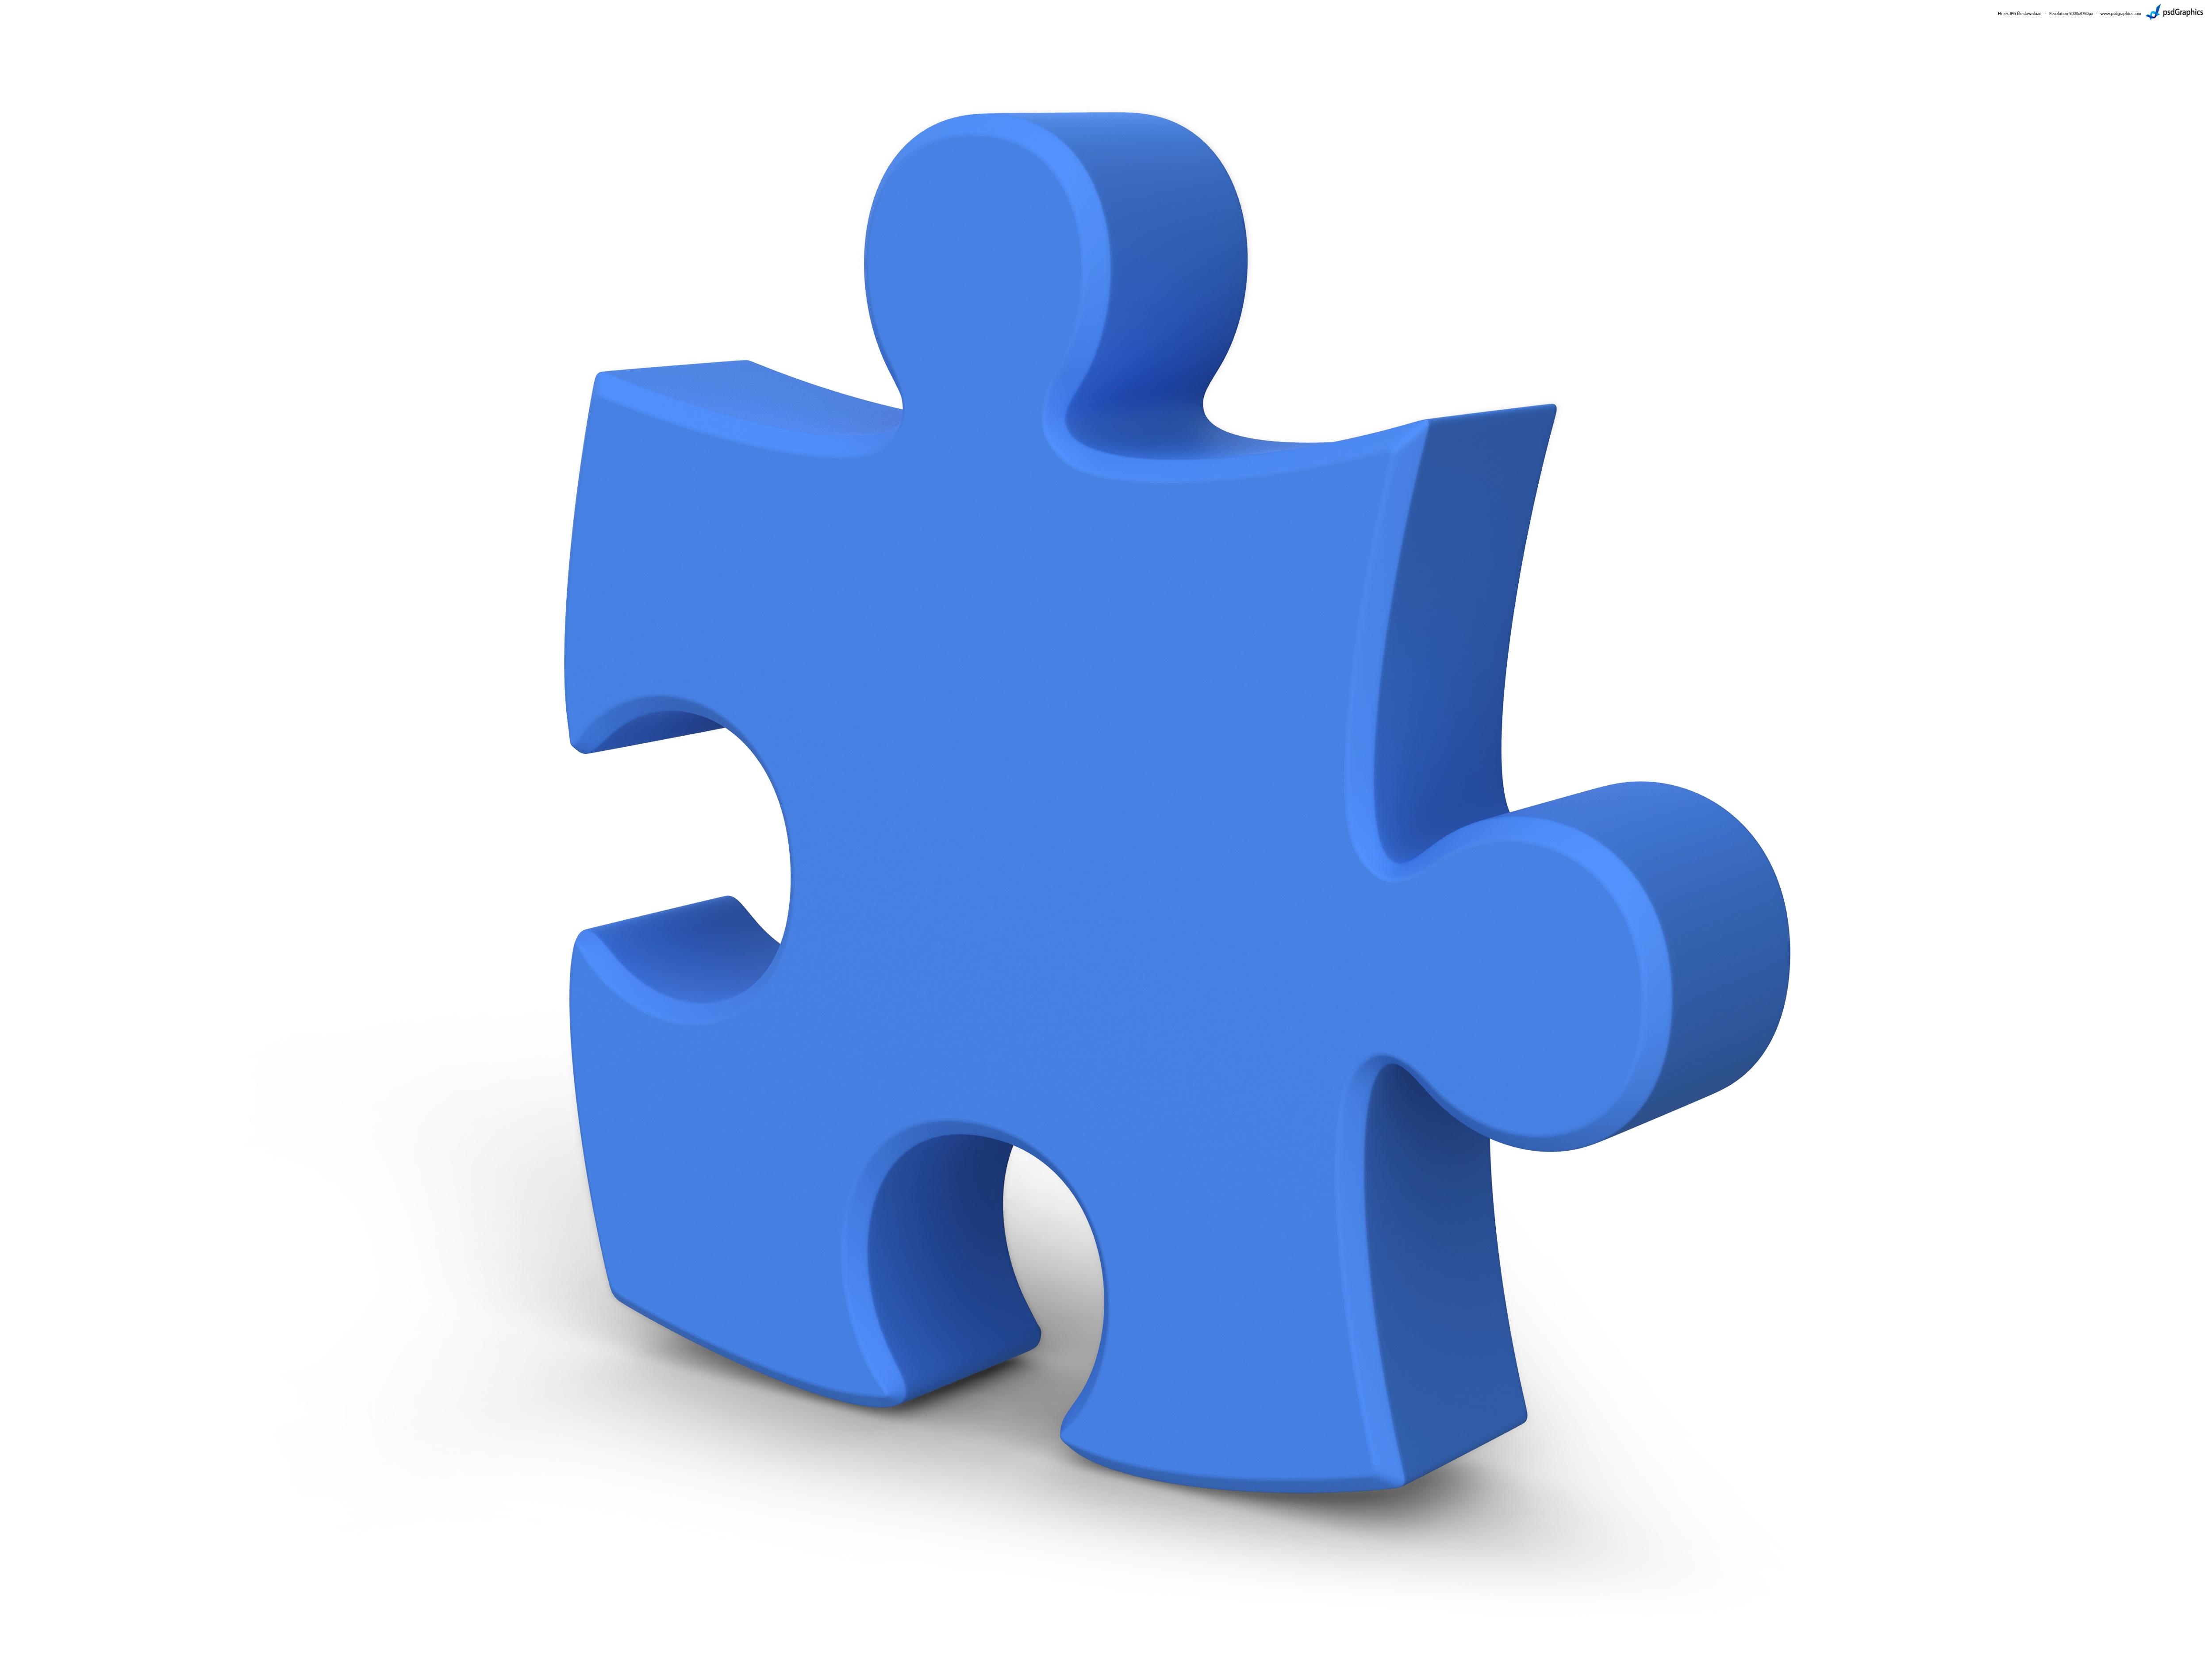 3d Puzzle Images.